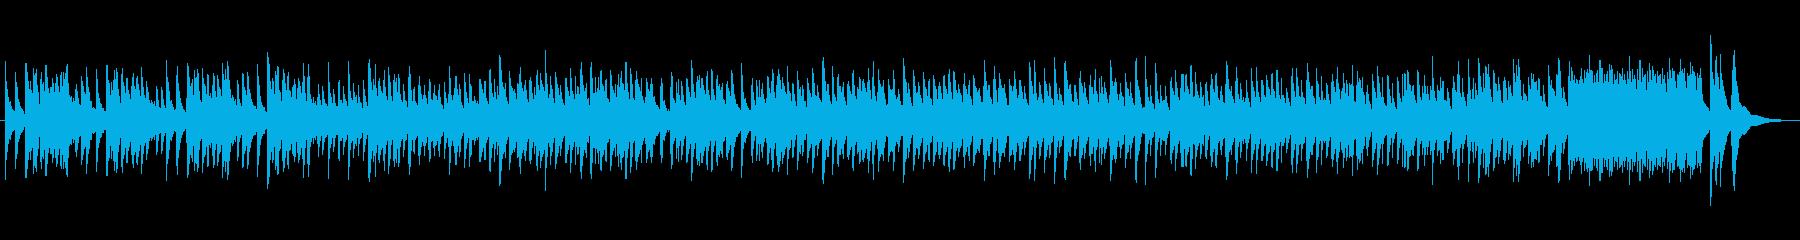 和風、日本風のBGMの再生済みの波形